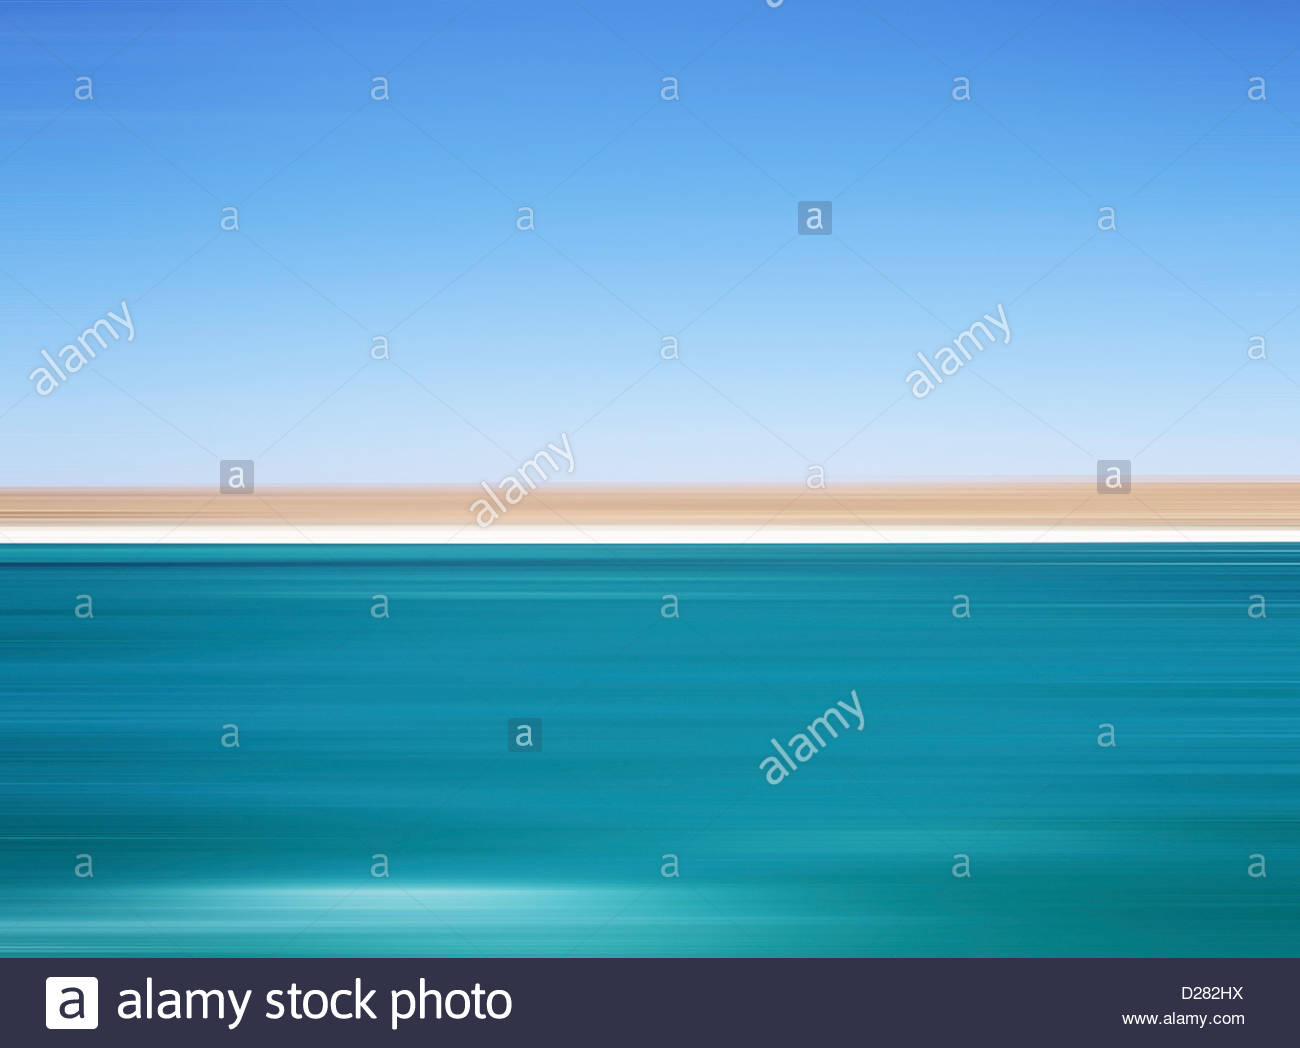 Defocused view of ocean and horizon - Stock Image